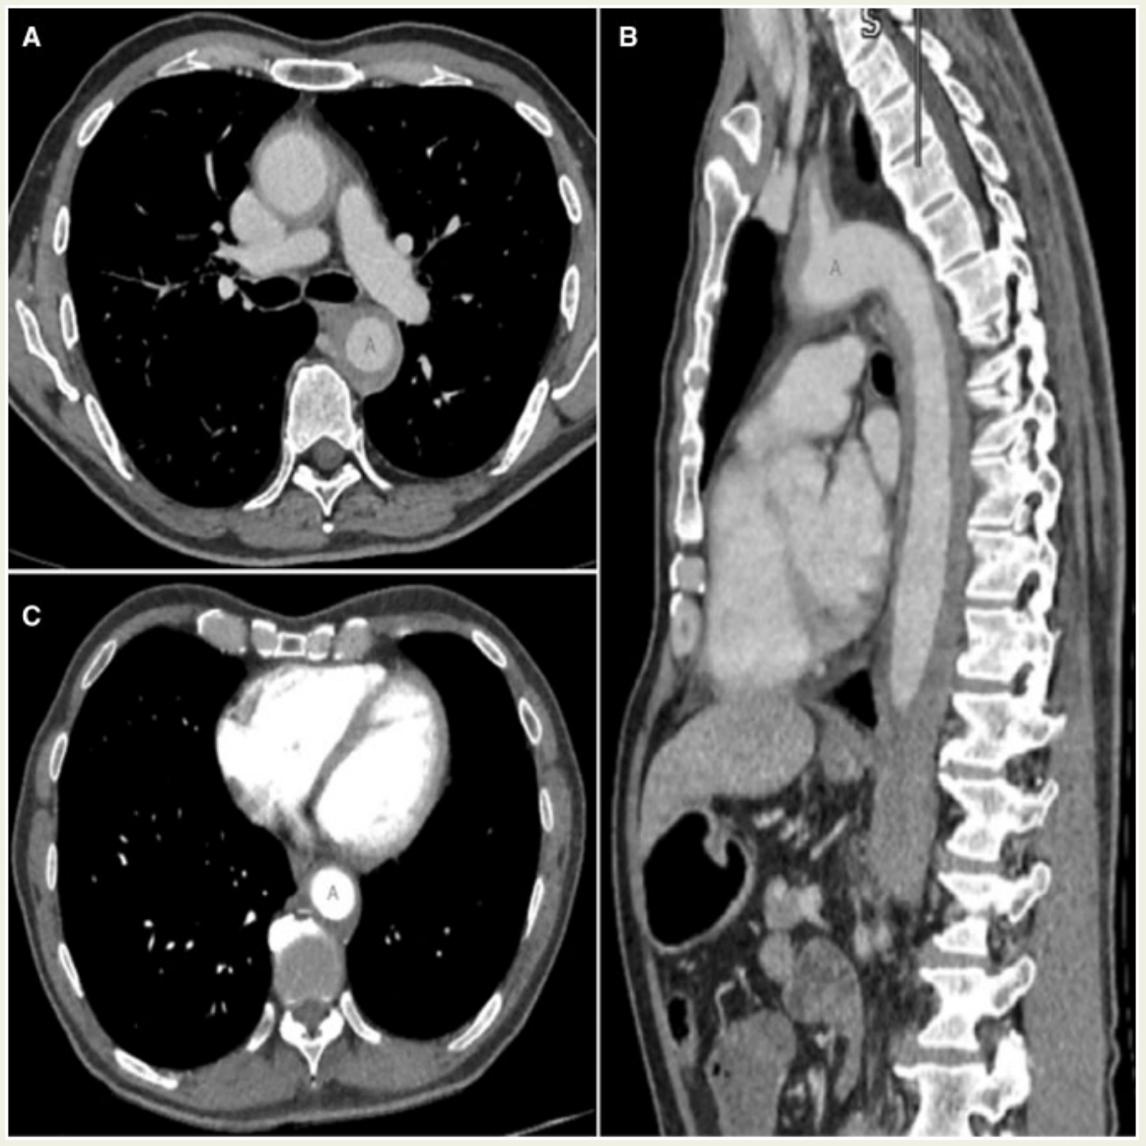 Рисунок. Диффузный воспалительный аортит от подключичных артерий до бифуркации на подвздошные артерии без признаков расслоения или образования псевдоаневризмы (А, В), динамика на фоне терапии преднизолоном (С).